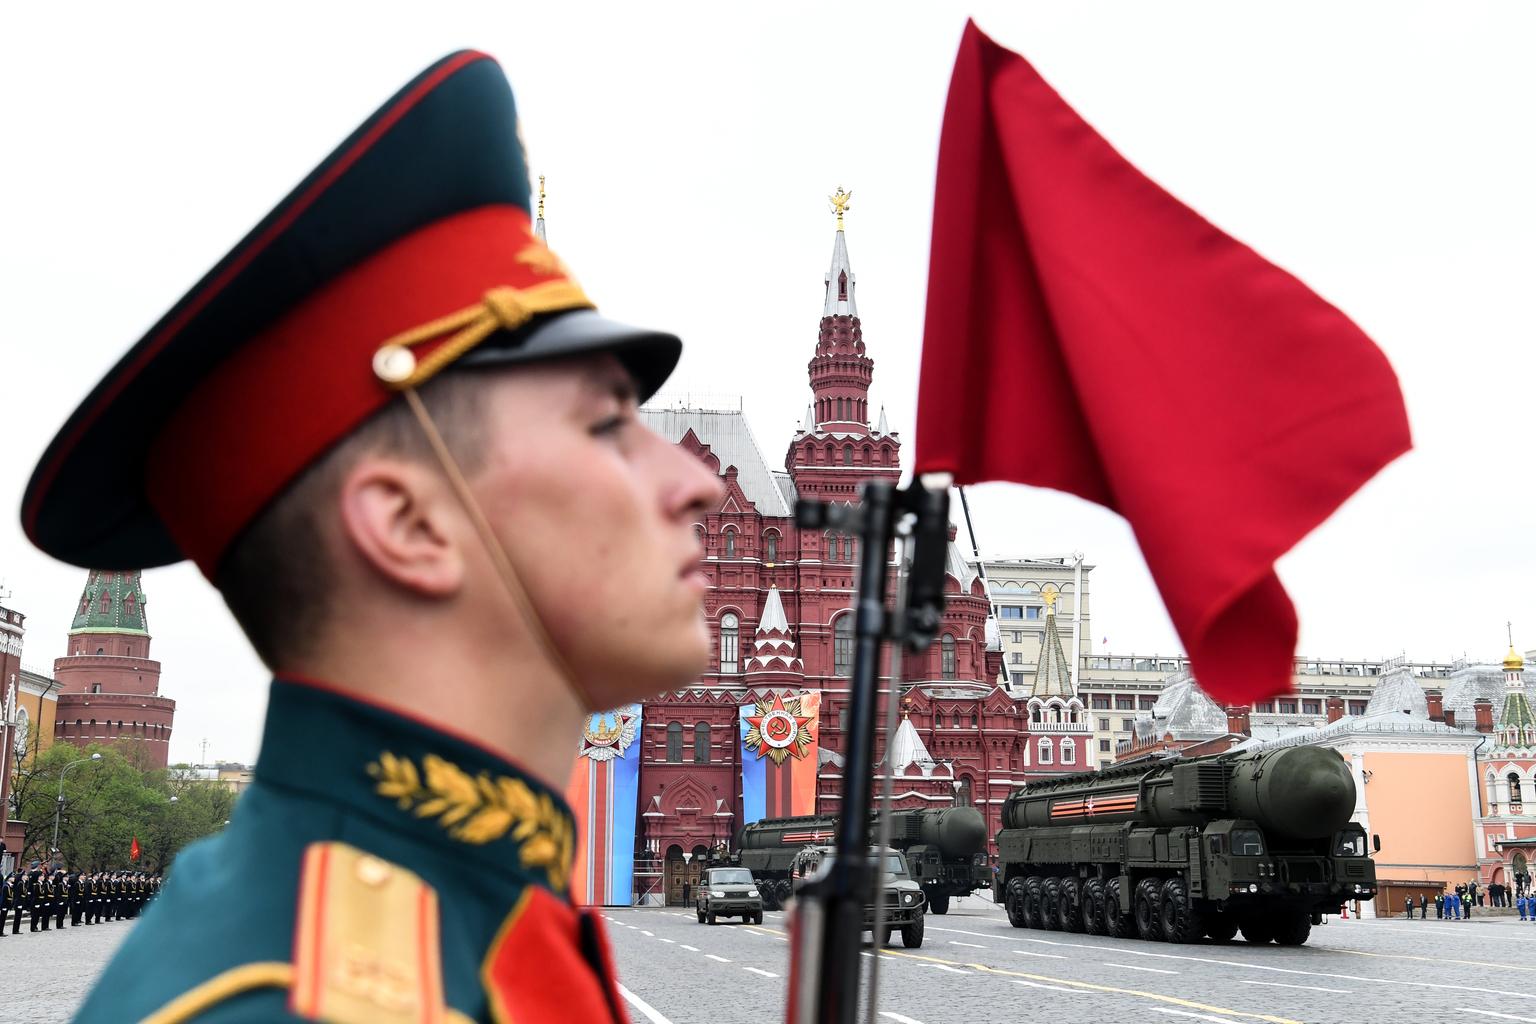 Győzelem napi felvonulás a moszkvai Vörös téren 2018. május 6-án #moszkvater